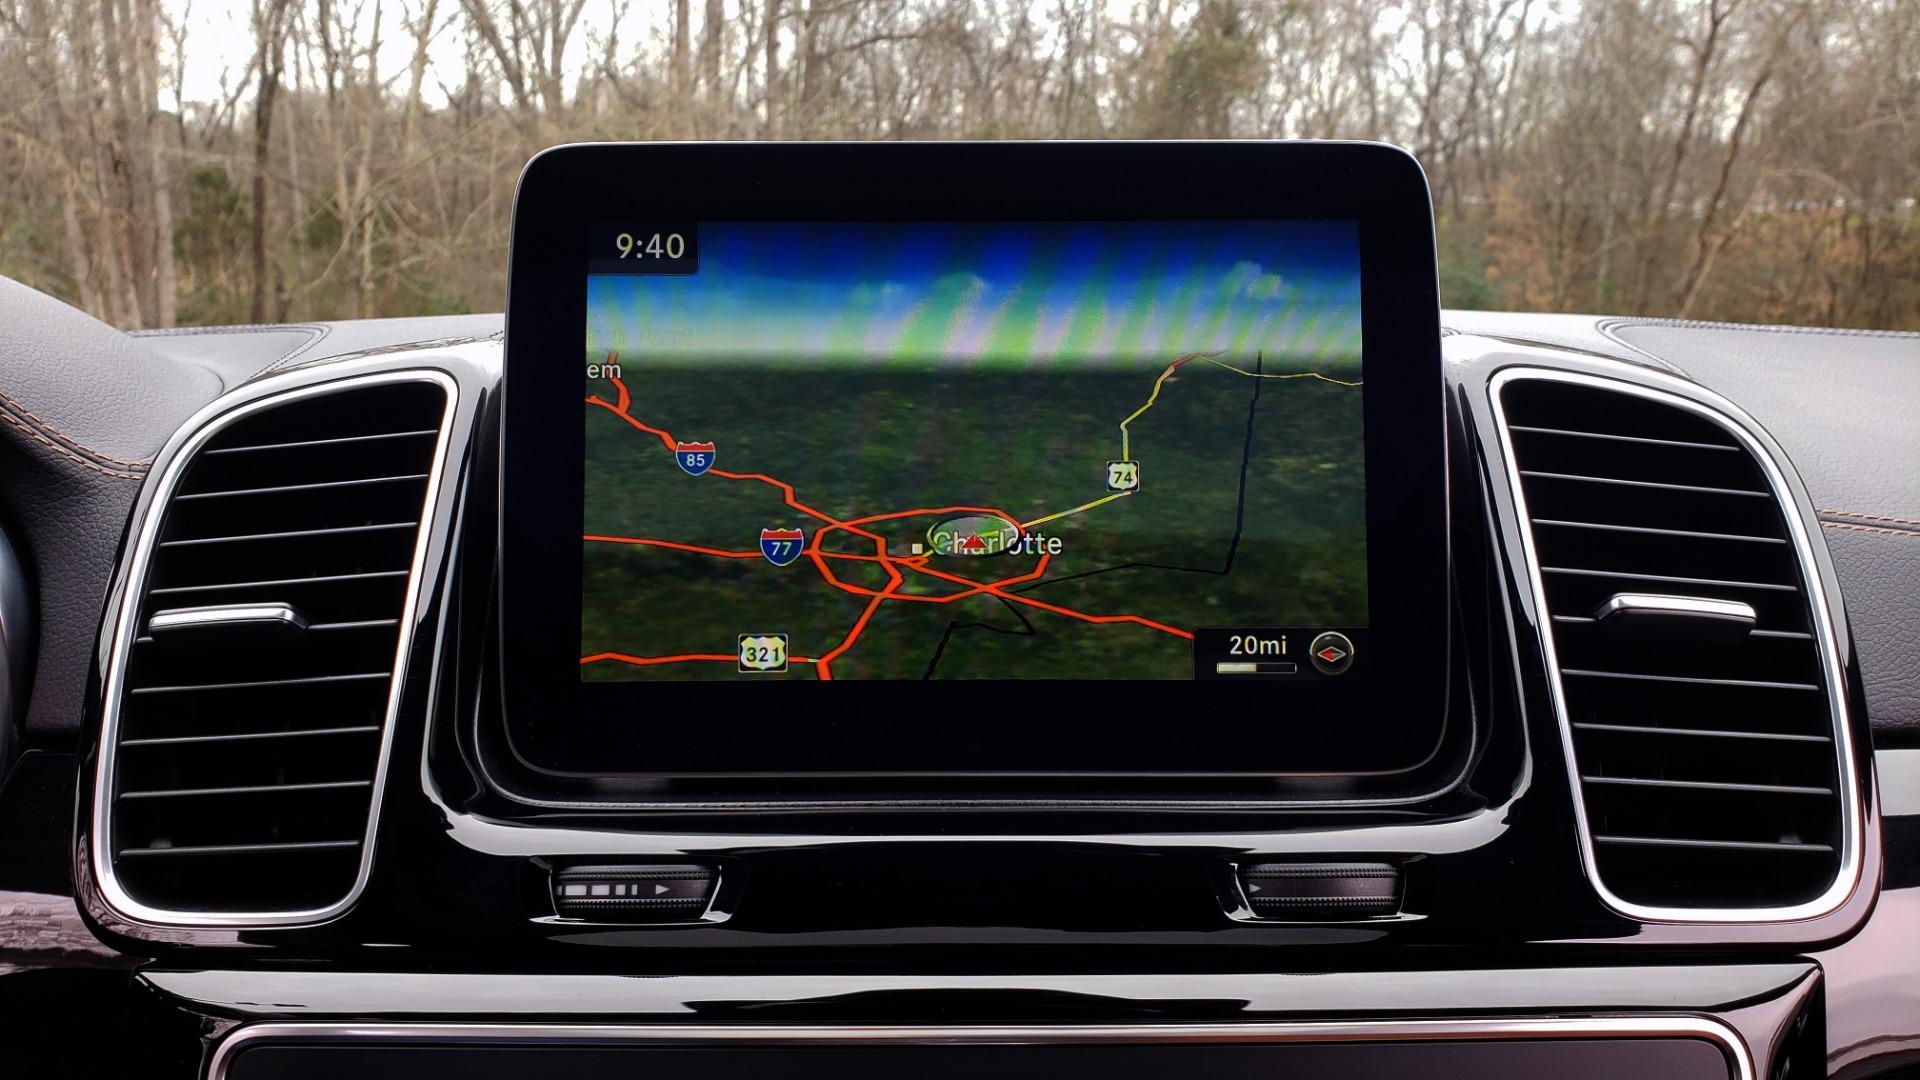 Used 2016 Mercedes-Benz GLE 450 AMG / AWD / PREM PKG / PARK ASST / DRVR ASST / SUNROOF for sale Sold at Formula Imports in Charlotte NC 28227 50